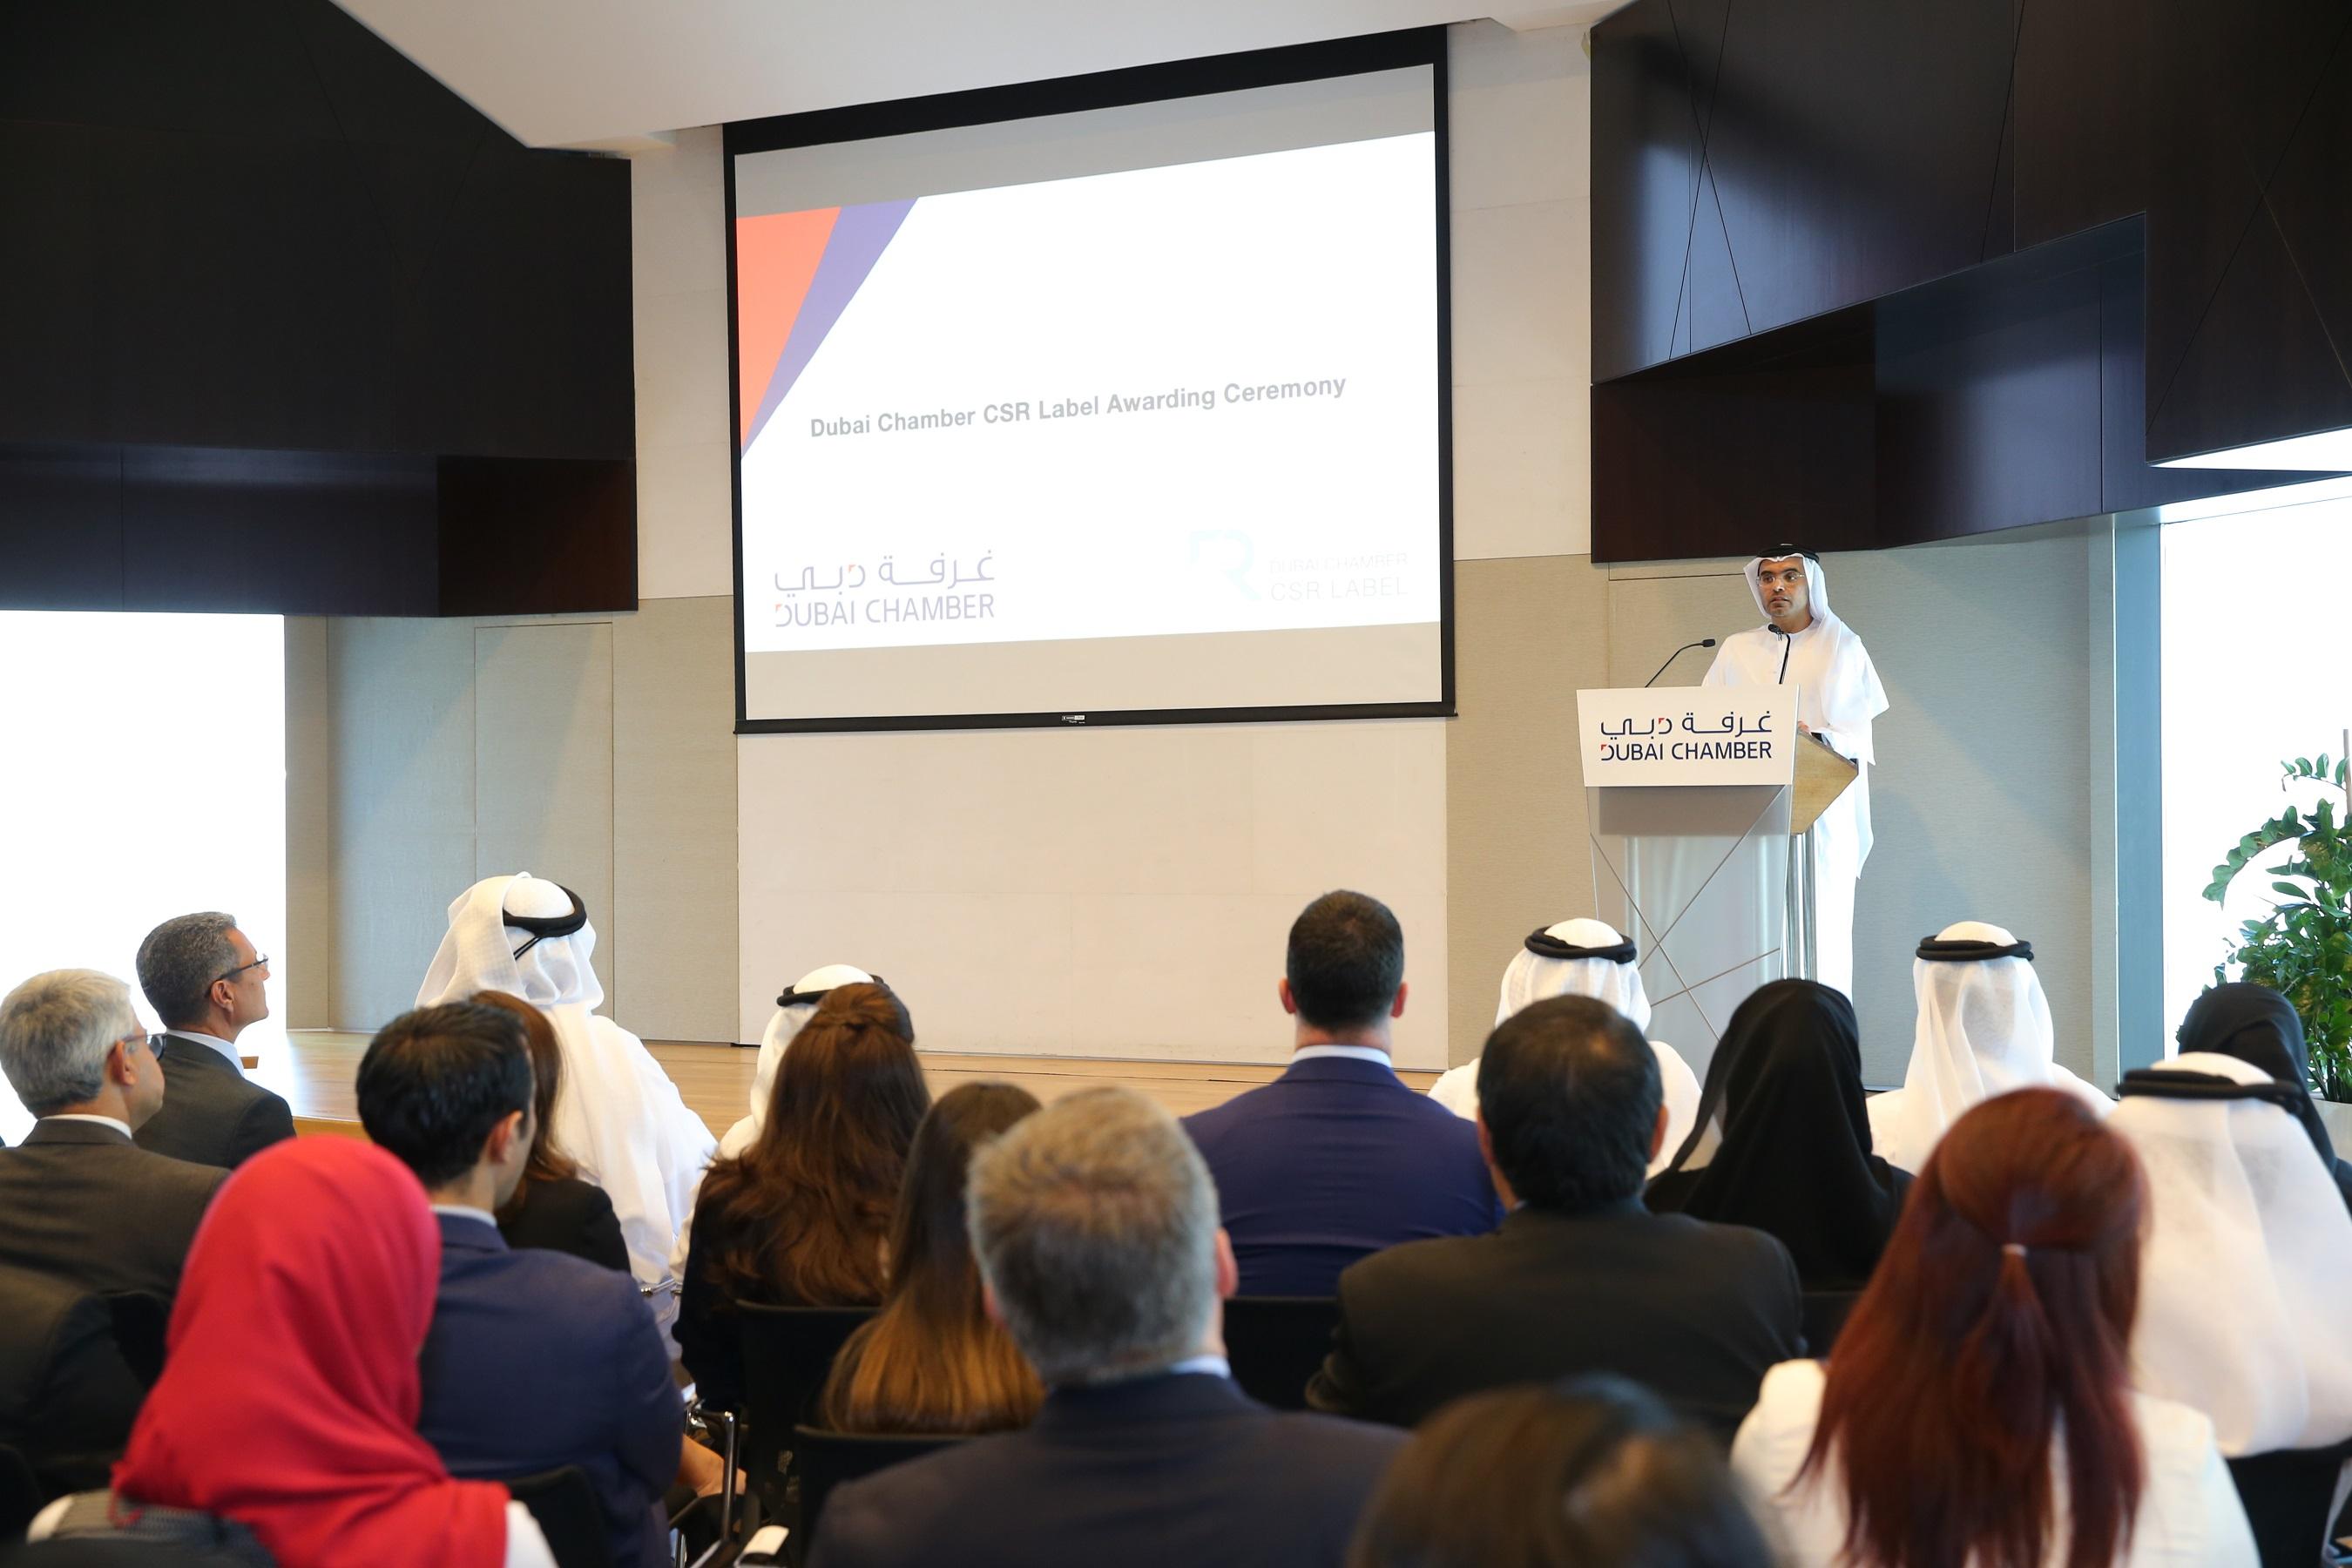 غرفة دبي تكرم 37 مؤسسة لحصولها على علامة المسؤولية الاجتماعية